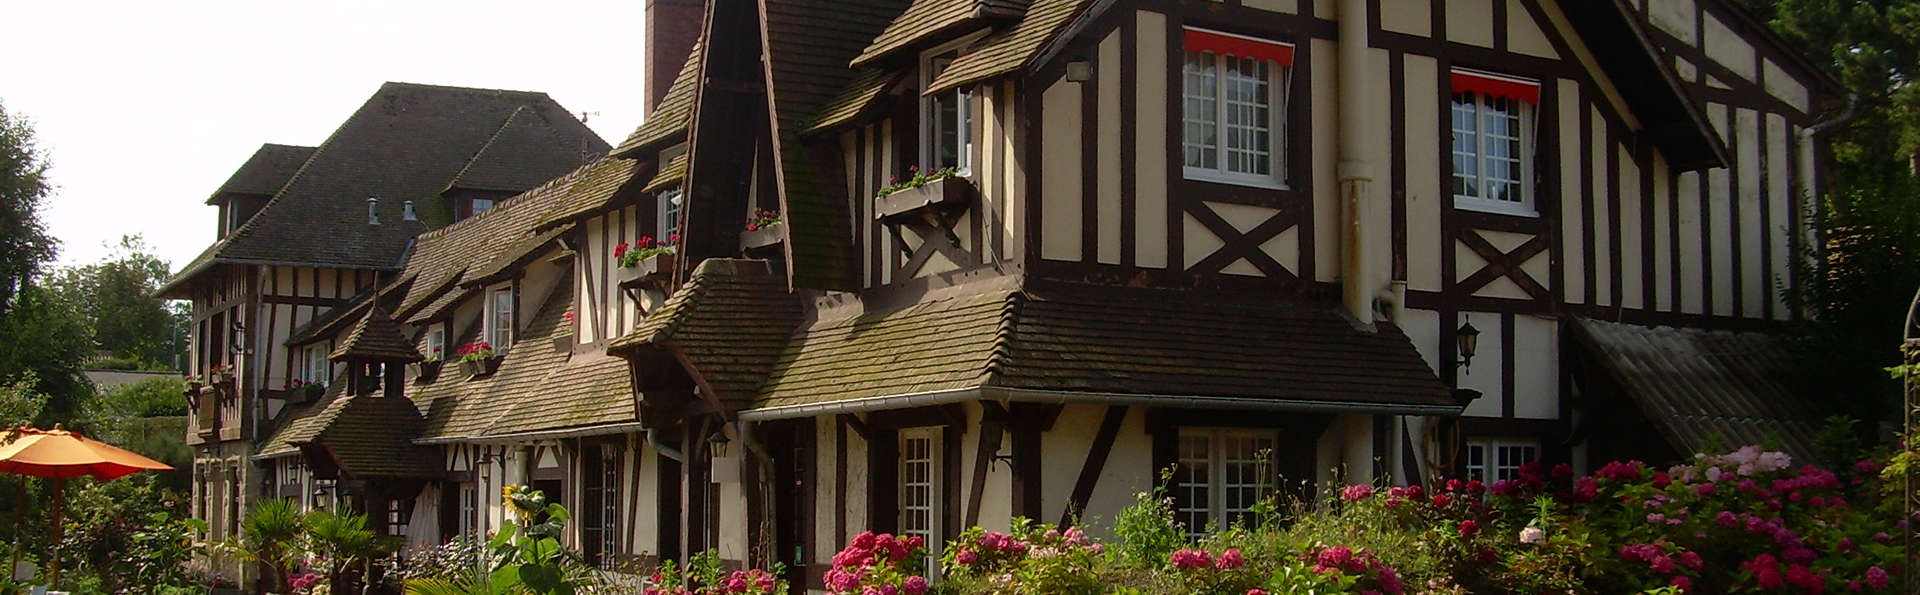 Hostellerie de la Vieille Ferme - edit_front1.jpg